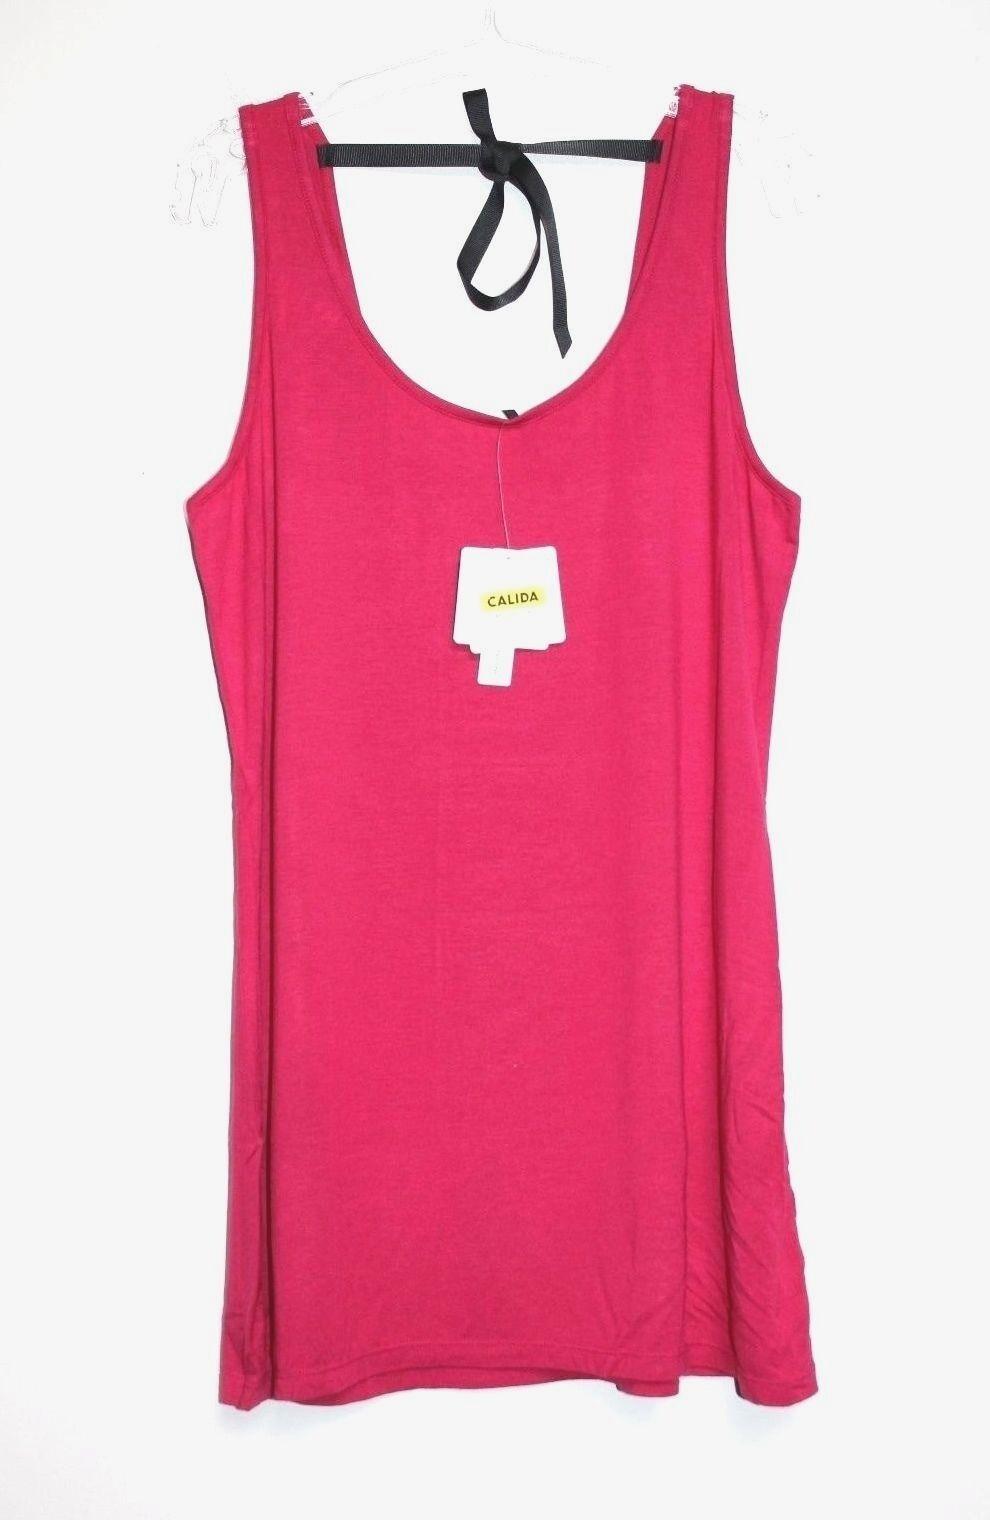 Calida - M - NWT - Pink Modal Jersey Knit - Sleeveless Tunic Lounge Top